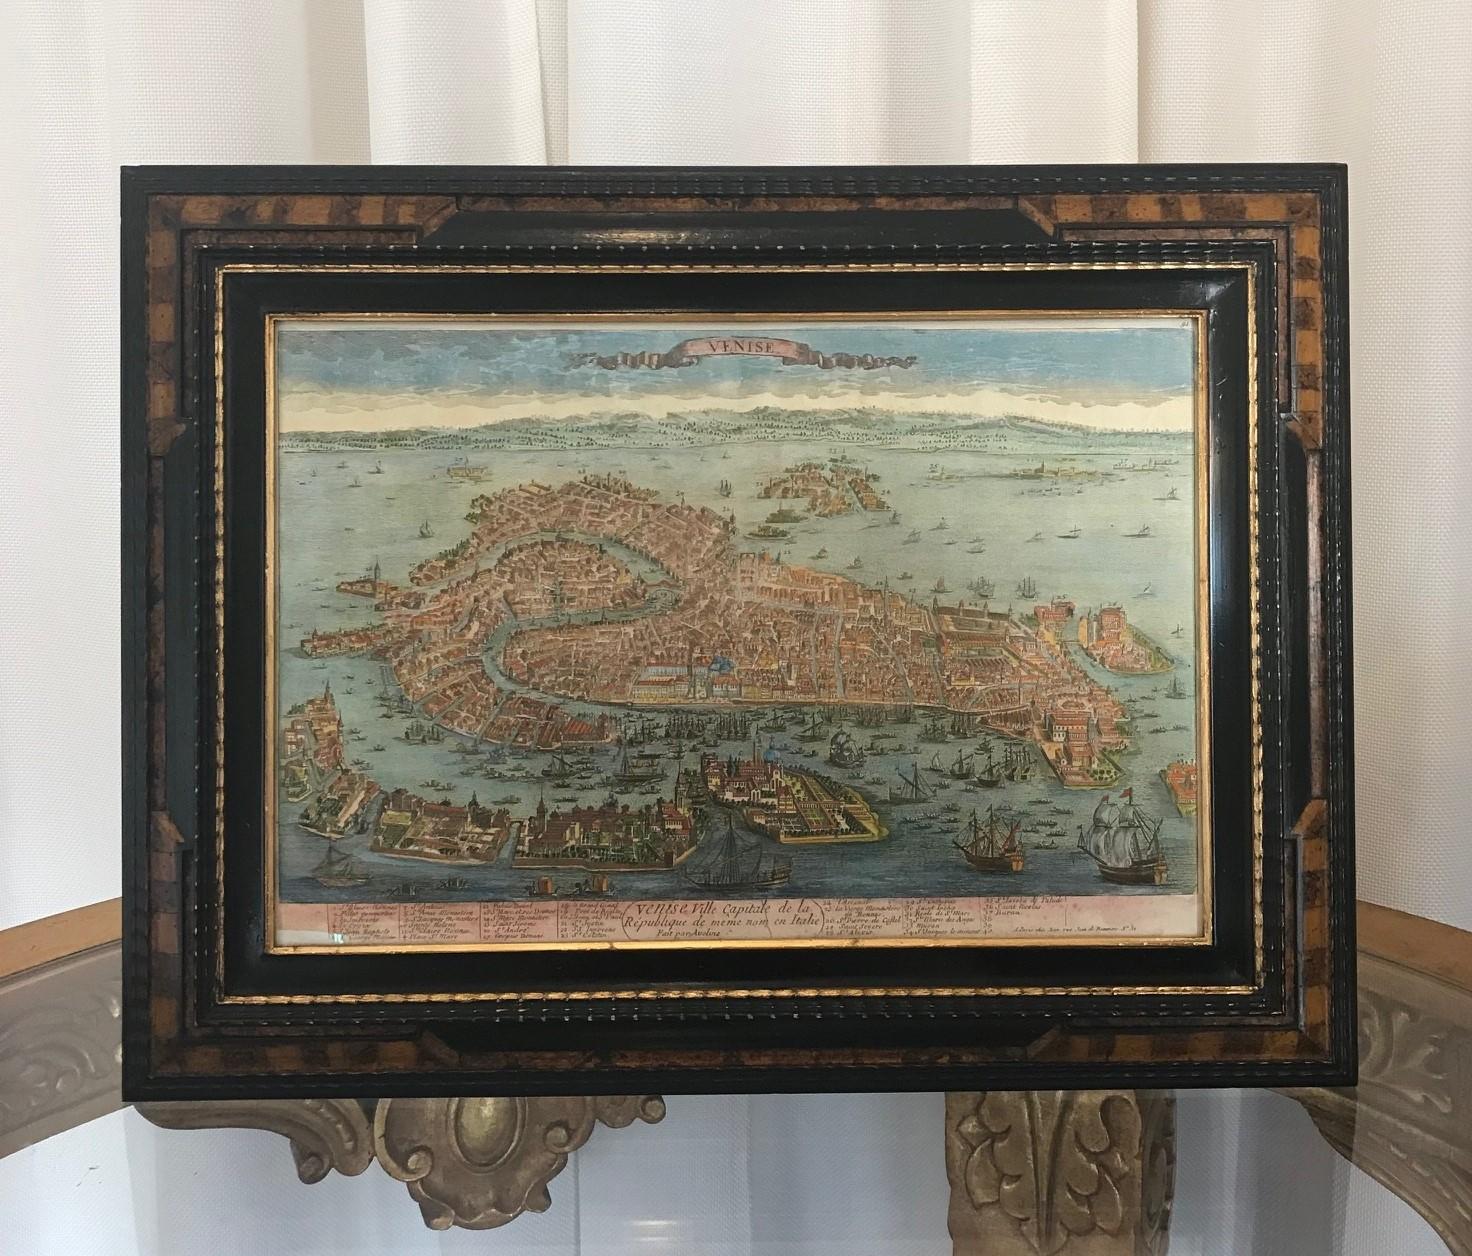 map-of-venise-framed-after-restoration-aa.jpg